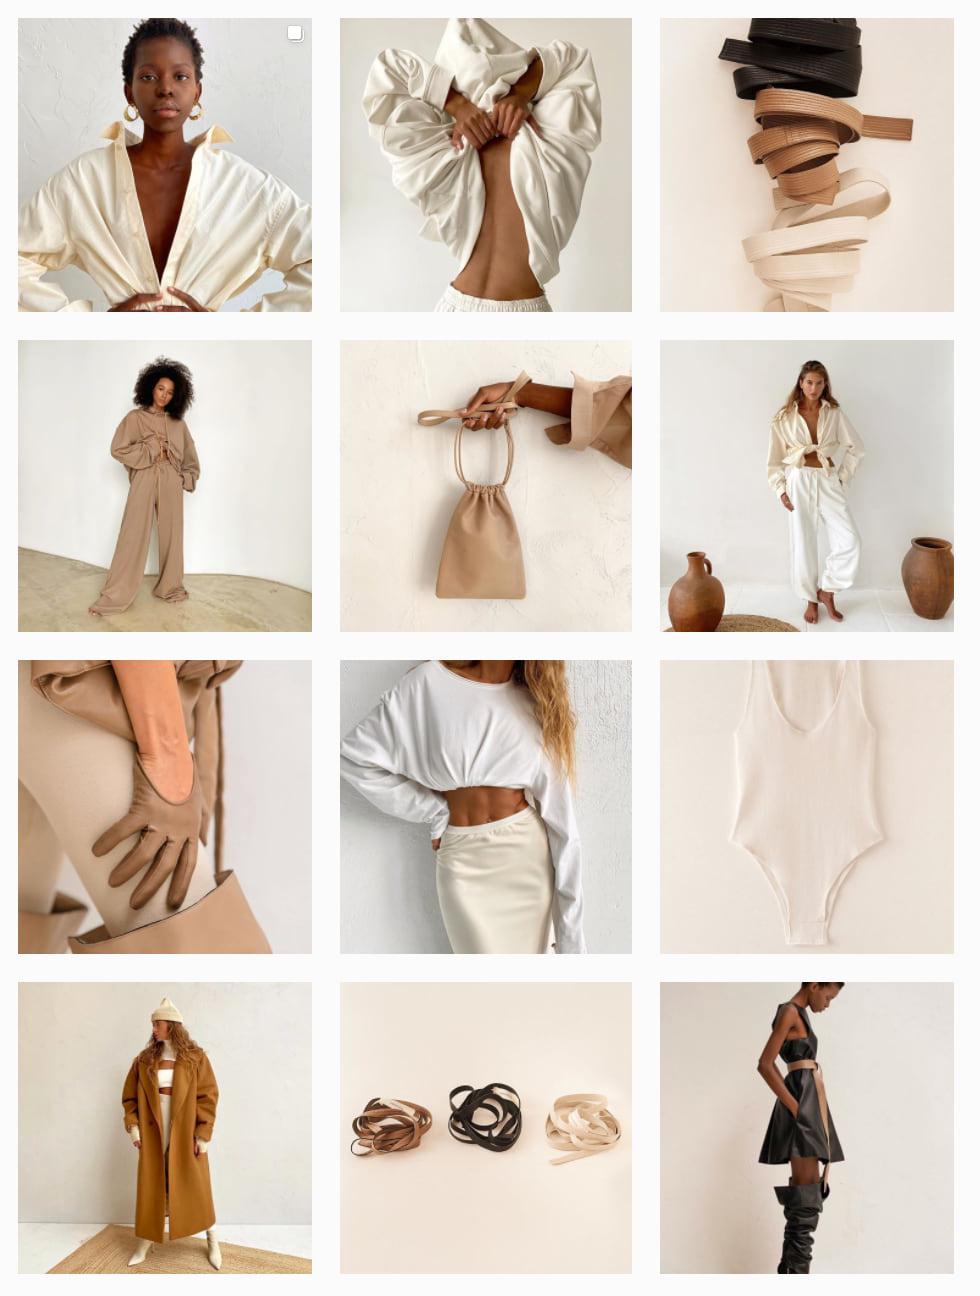 Пример гармоничной ленты бренда одежды Ushatava (крупные, дальние и средние планы)